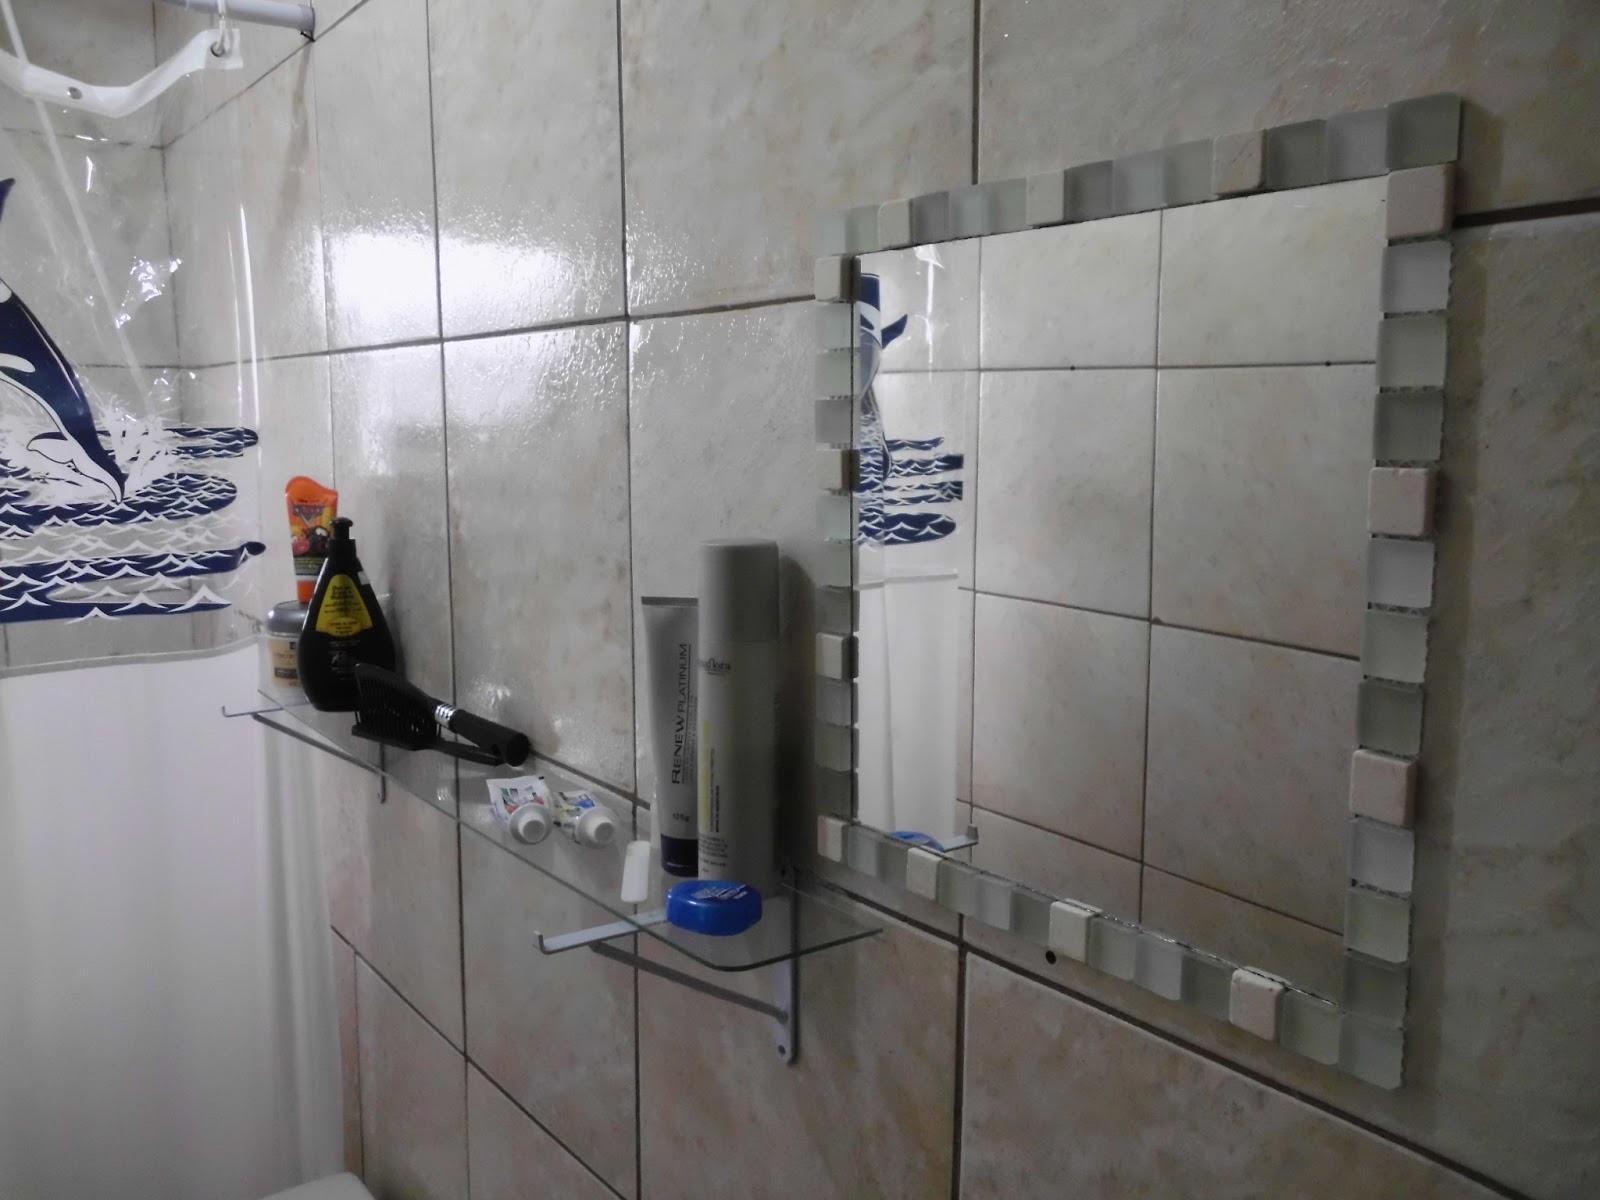 Artes e Badulaques: Moldura Espelho com pastilhas #3C4463 1600x1200 Banheiro Com Pastilha Espelho